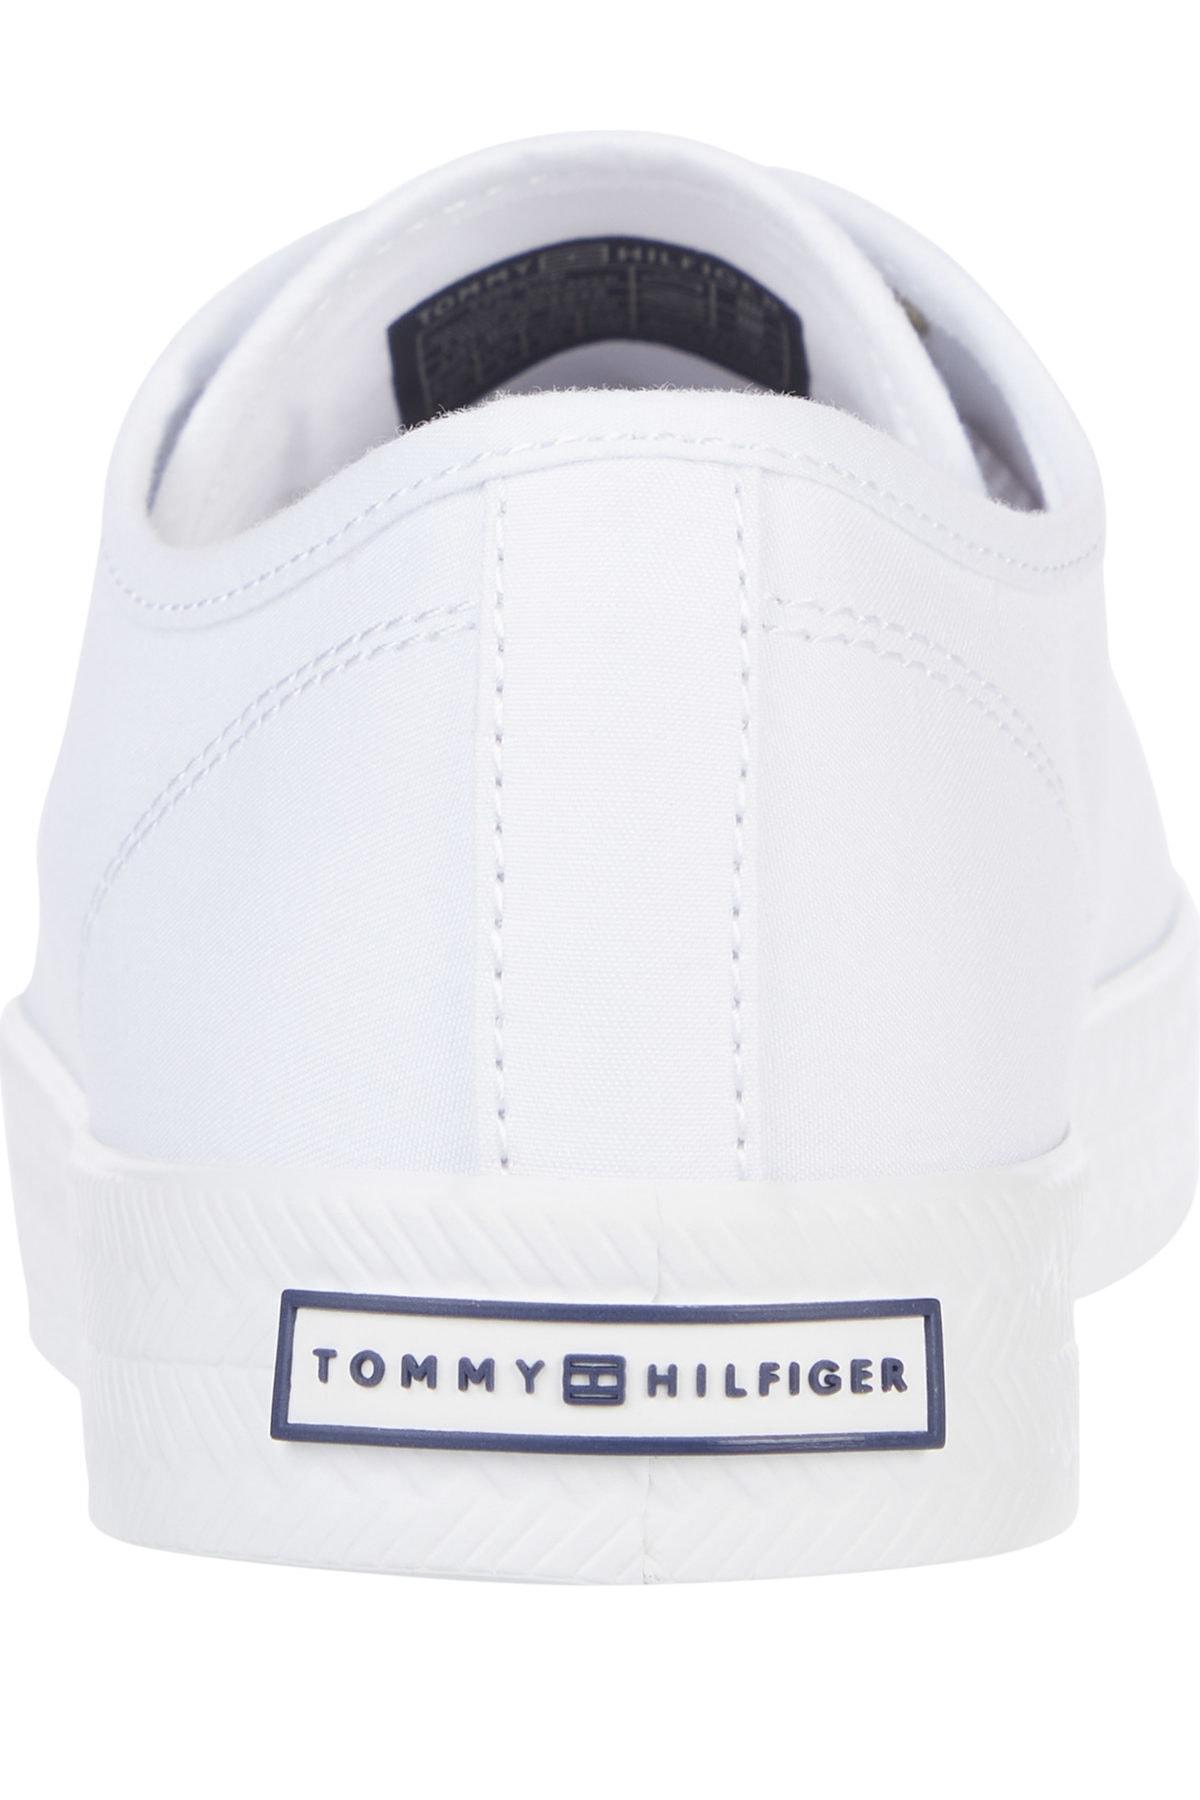 Tommy Hilfiger Kadın Beyaz Sneaker Essentıal Nautıcal Sneaker FW04848-YBS 2